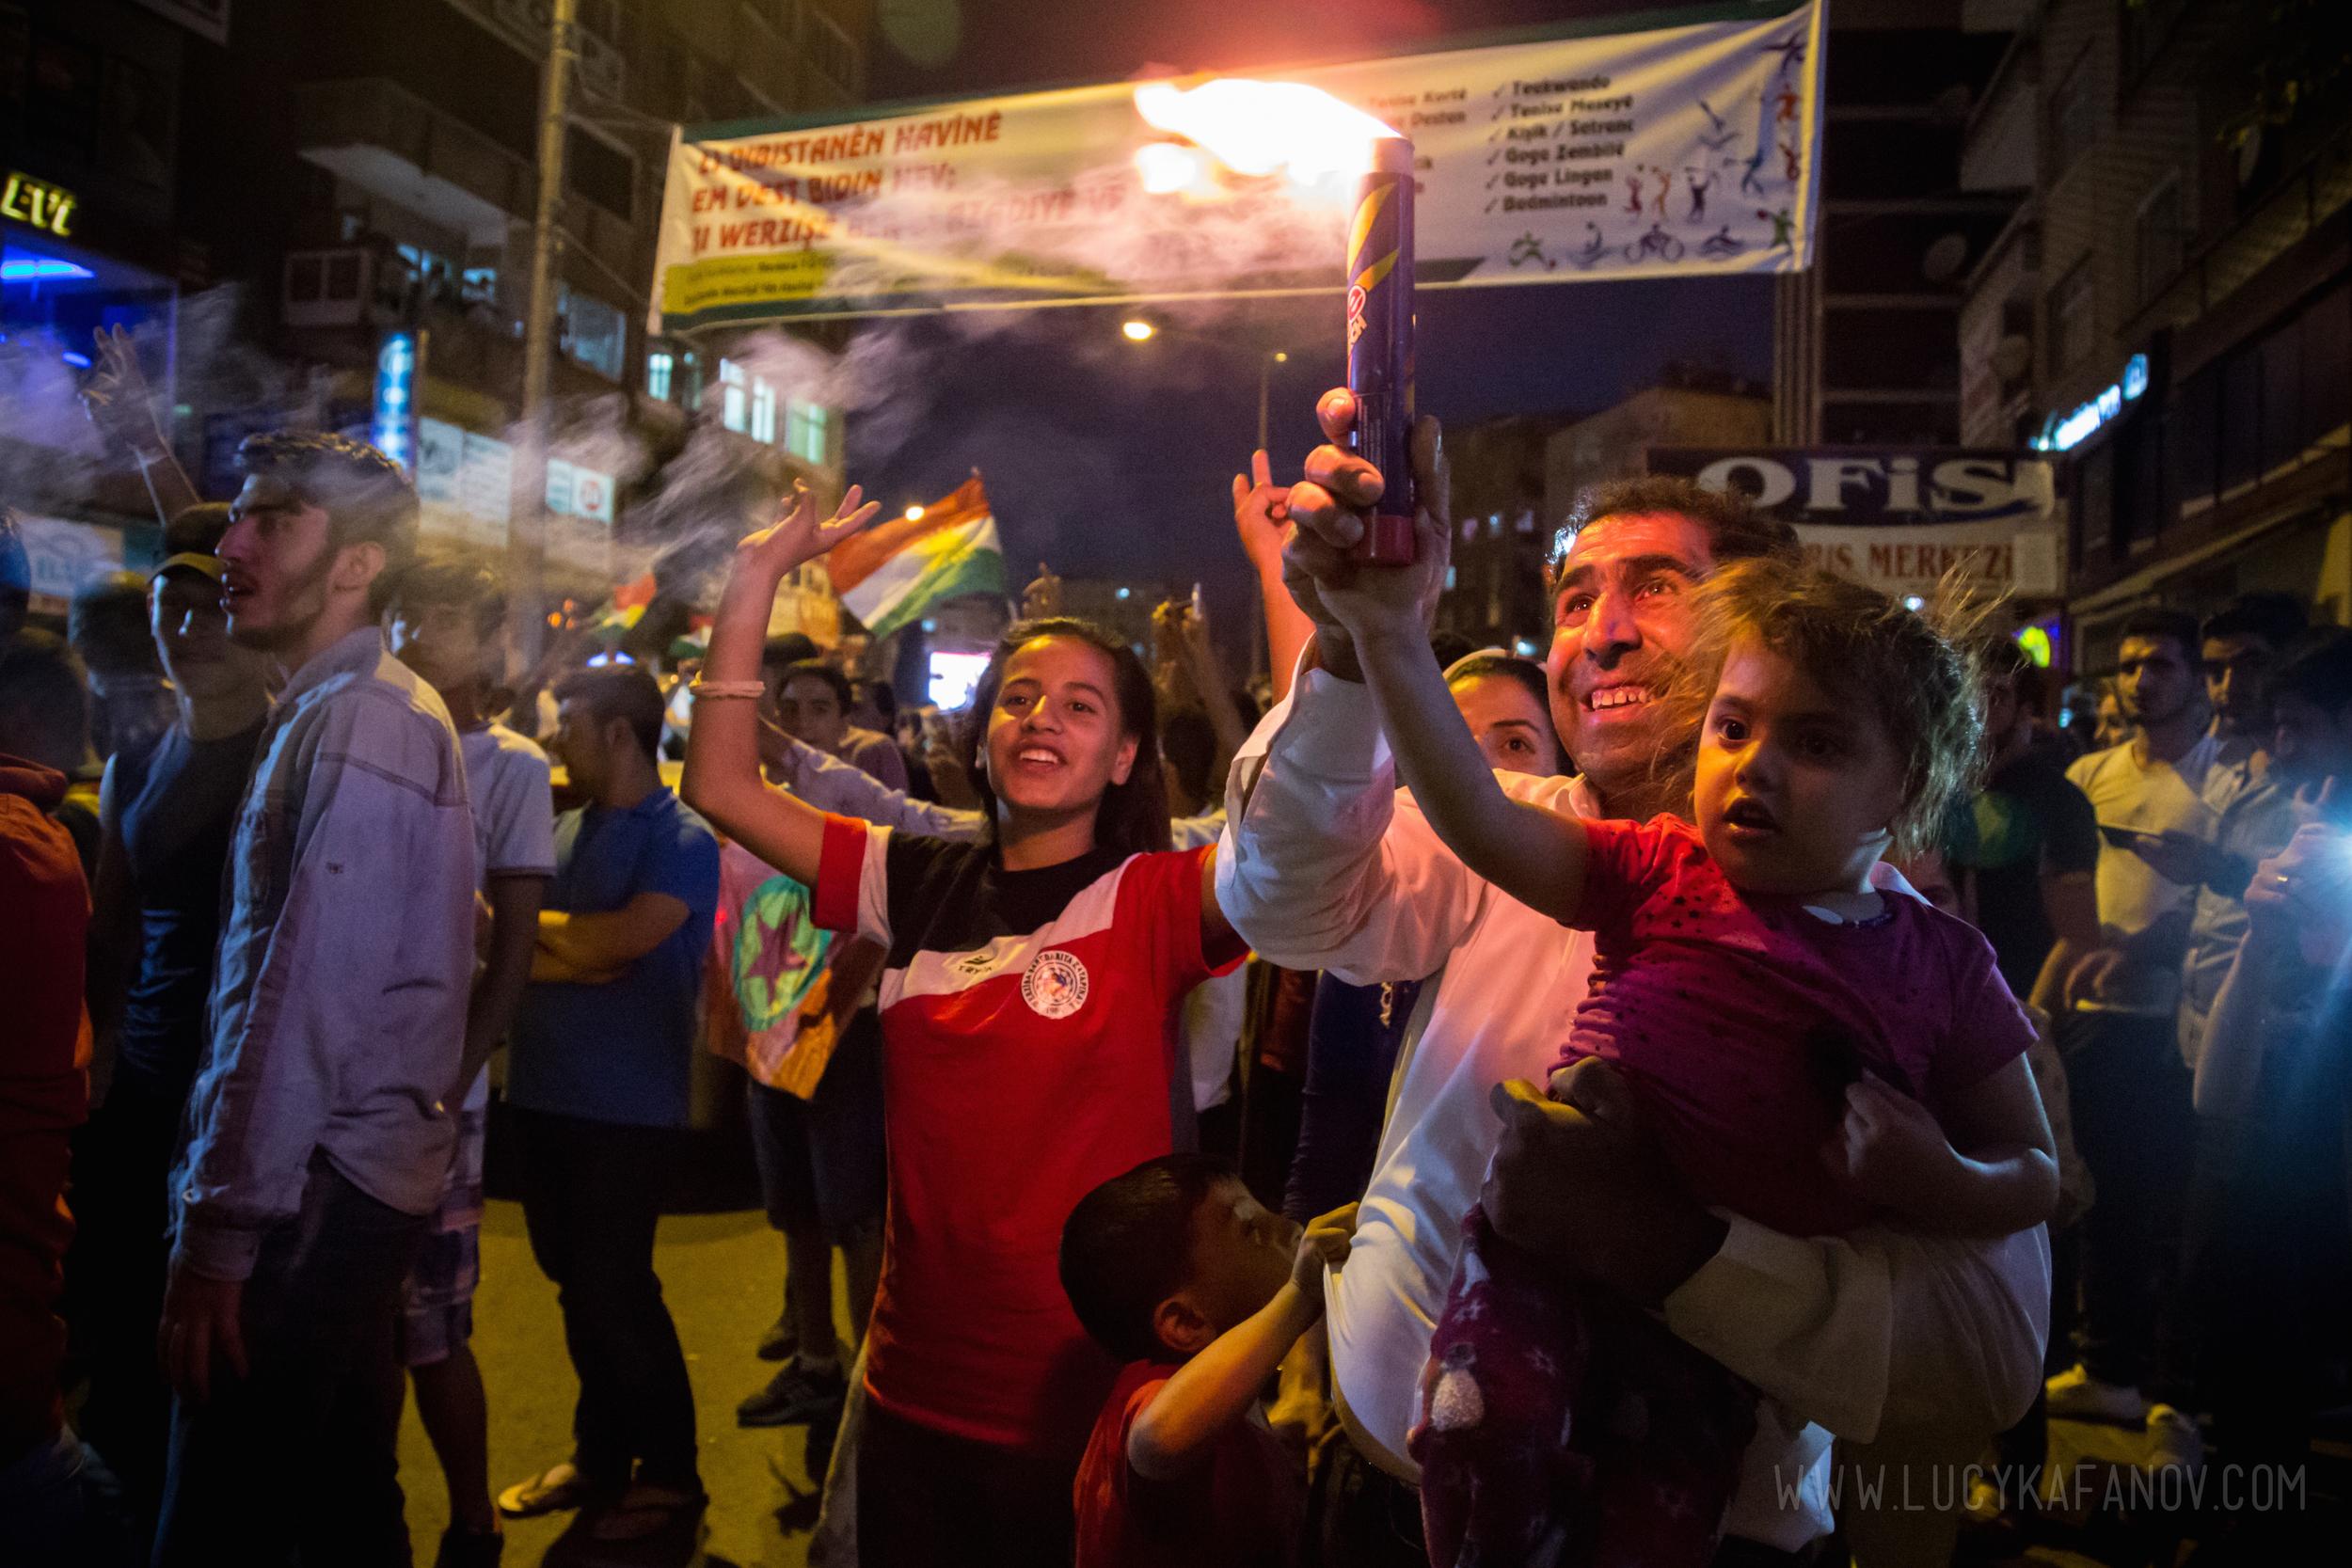 Kurds Kafanov USA Today